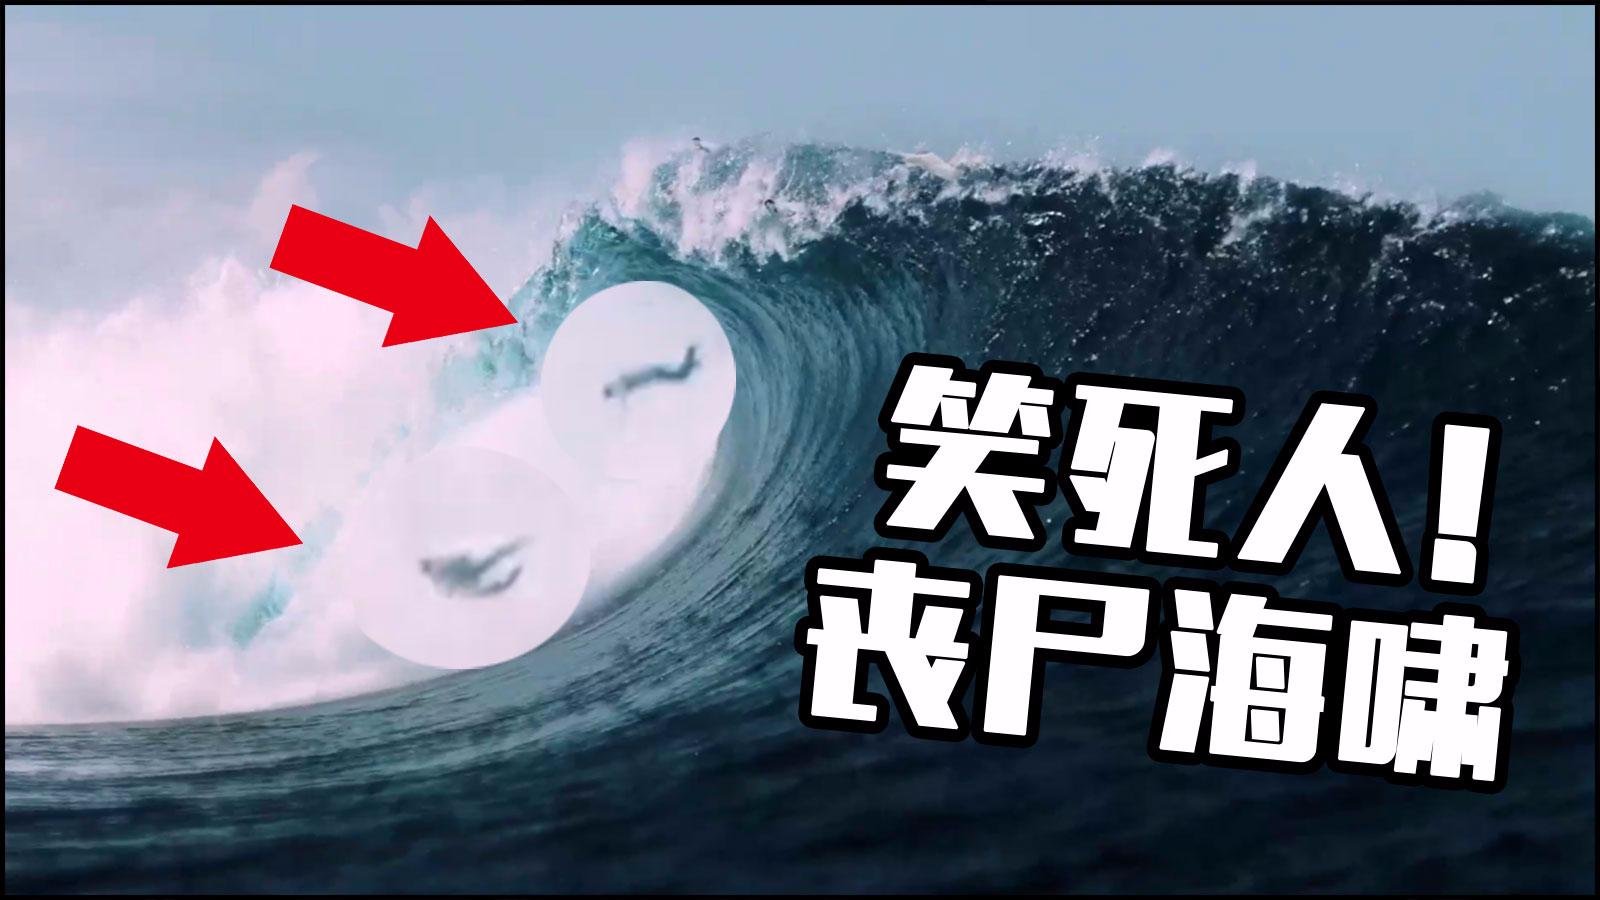 【森崎电影院】震惊!海啸里竟然有成千上万只丧尸  奇葩电影《丧尸潮》